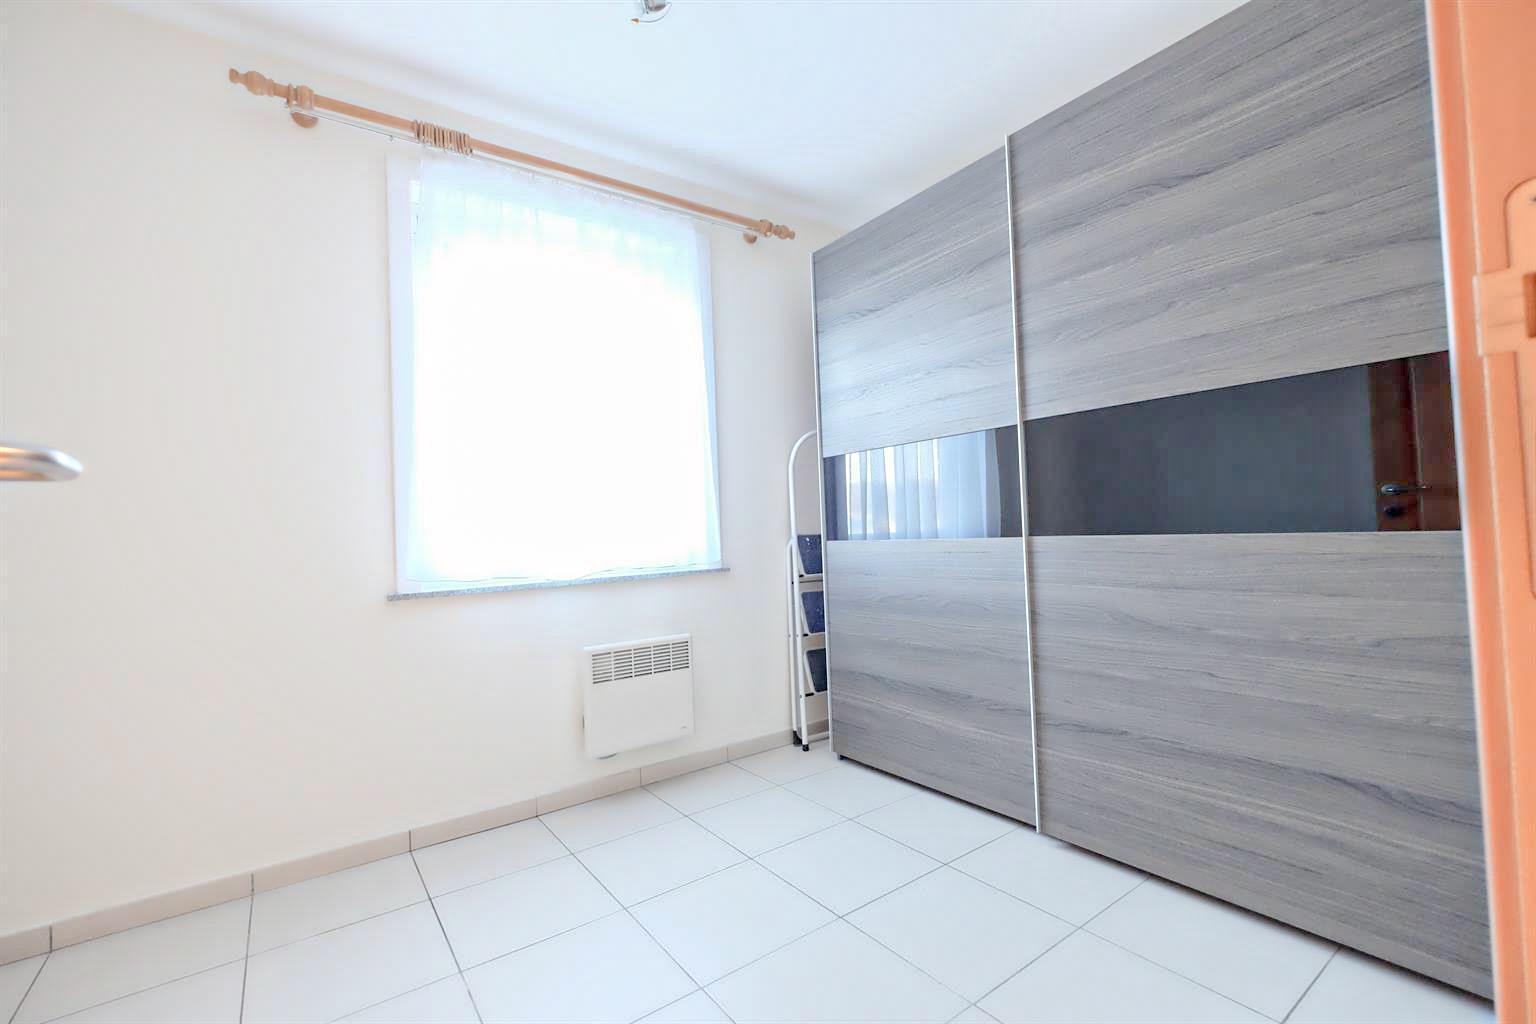 Appartement - Braine-le-Comte - #4422565-4